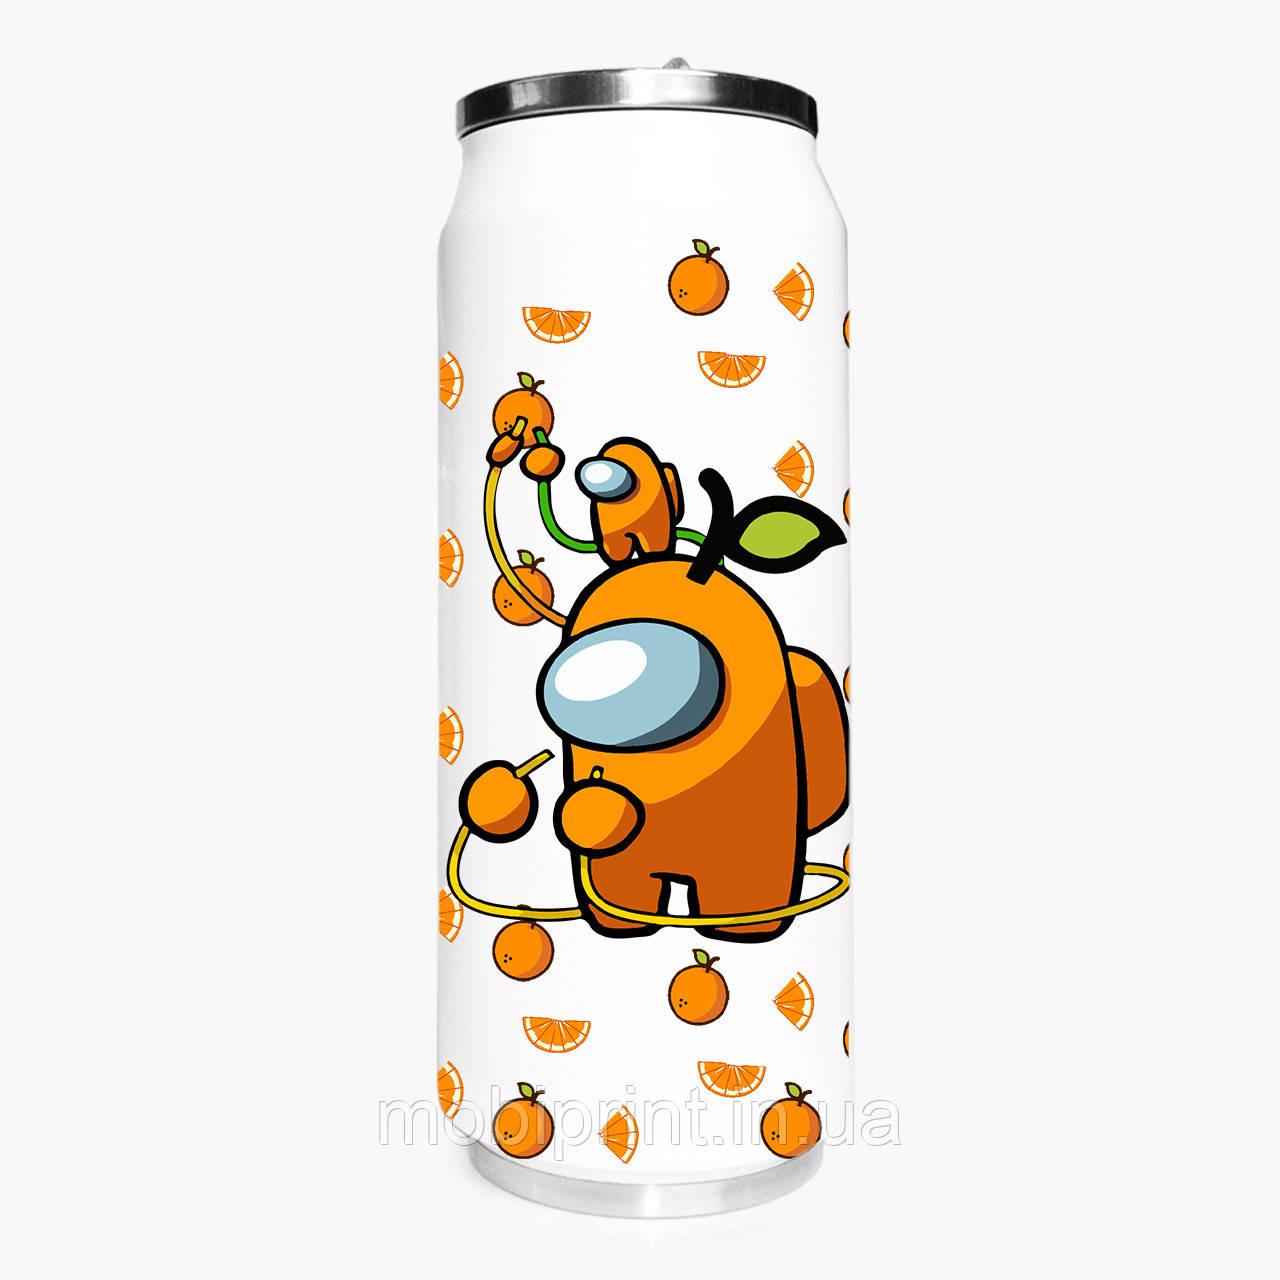 Термобанка Амонг Ас Оранжевый (Among Us Orange) 500 мл (31091-2413-1) термокружка из нержавеющей стали